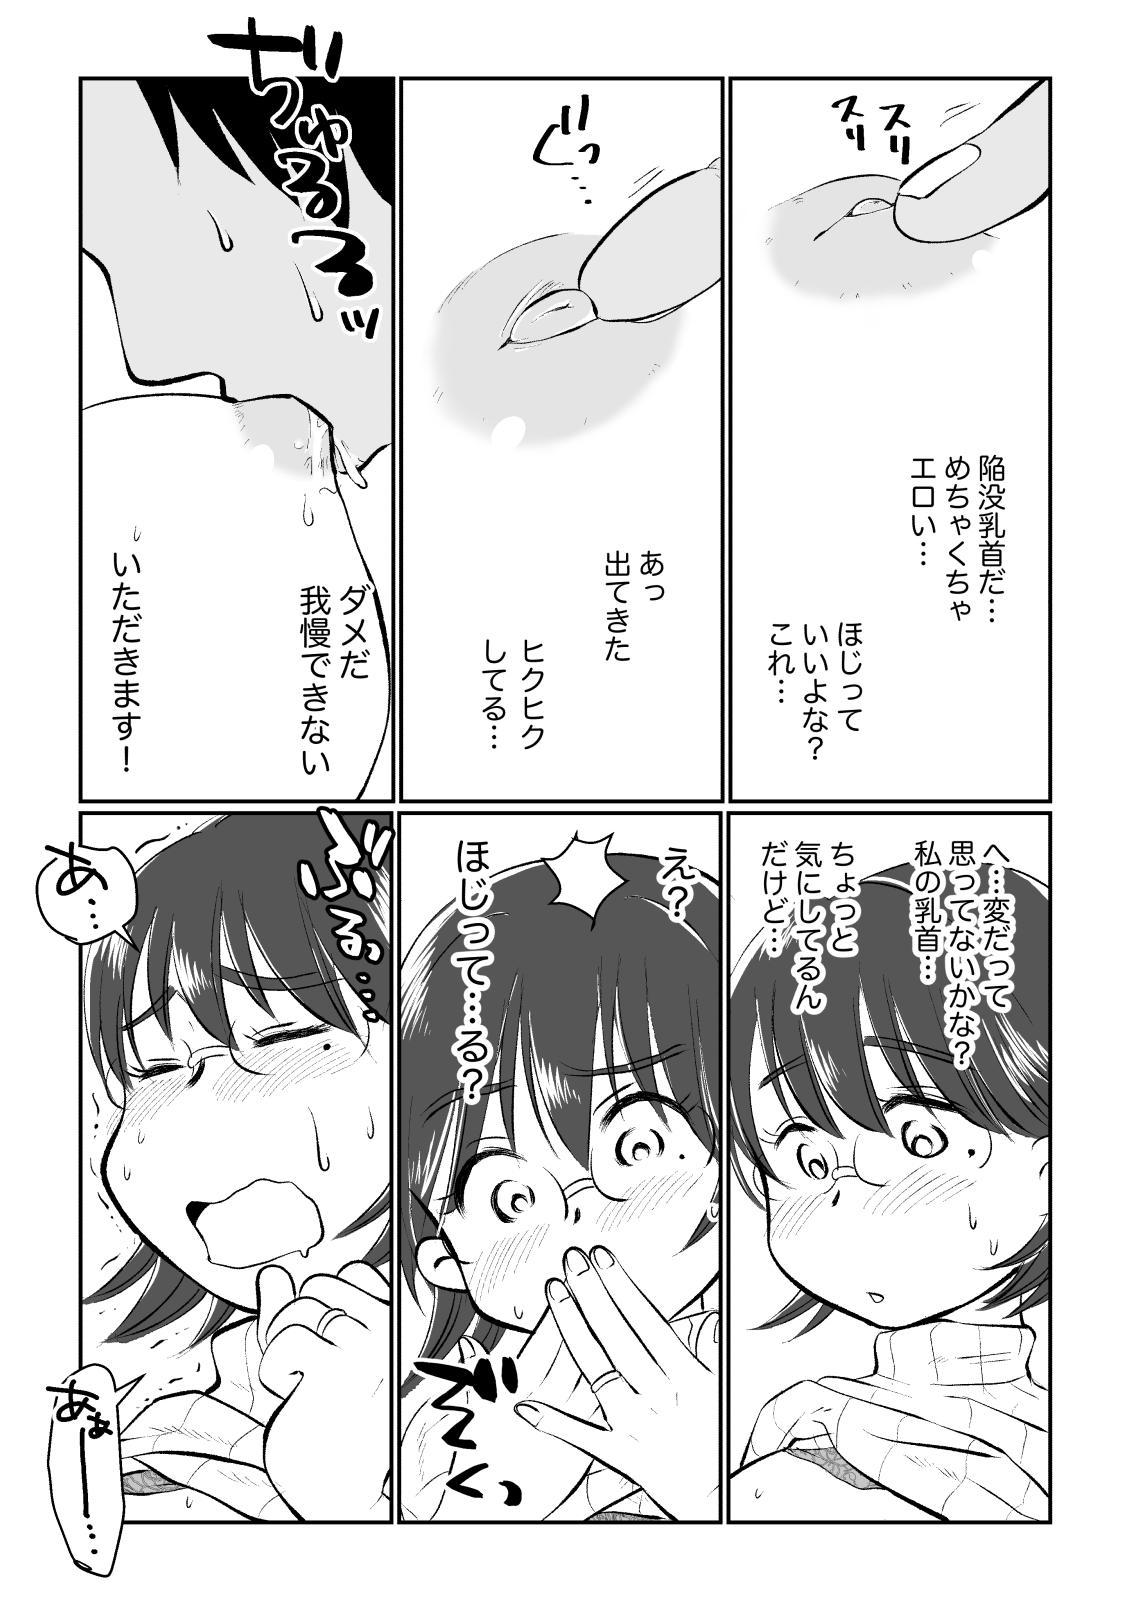 [Megitsune Works] Wakazuma-san wa Yokkyuu Fuman! Akogare no Shisho no Wakazuma-san ga Gakusei Beit no Boku no Fudeoroshi o Shite kuremashita. 27